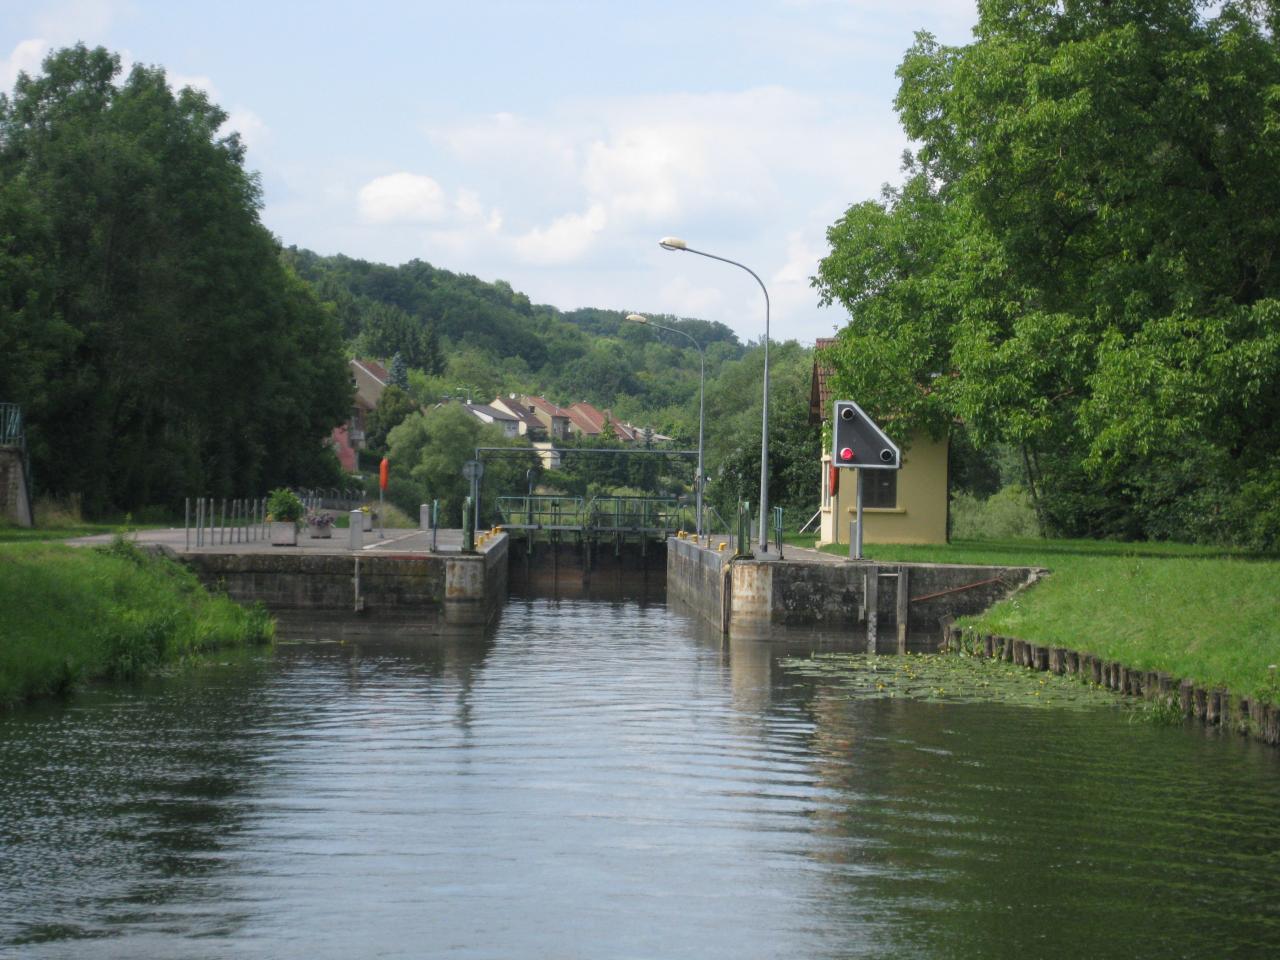 UN PONT CANAL